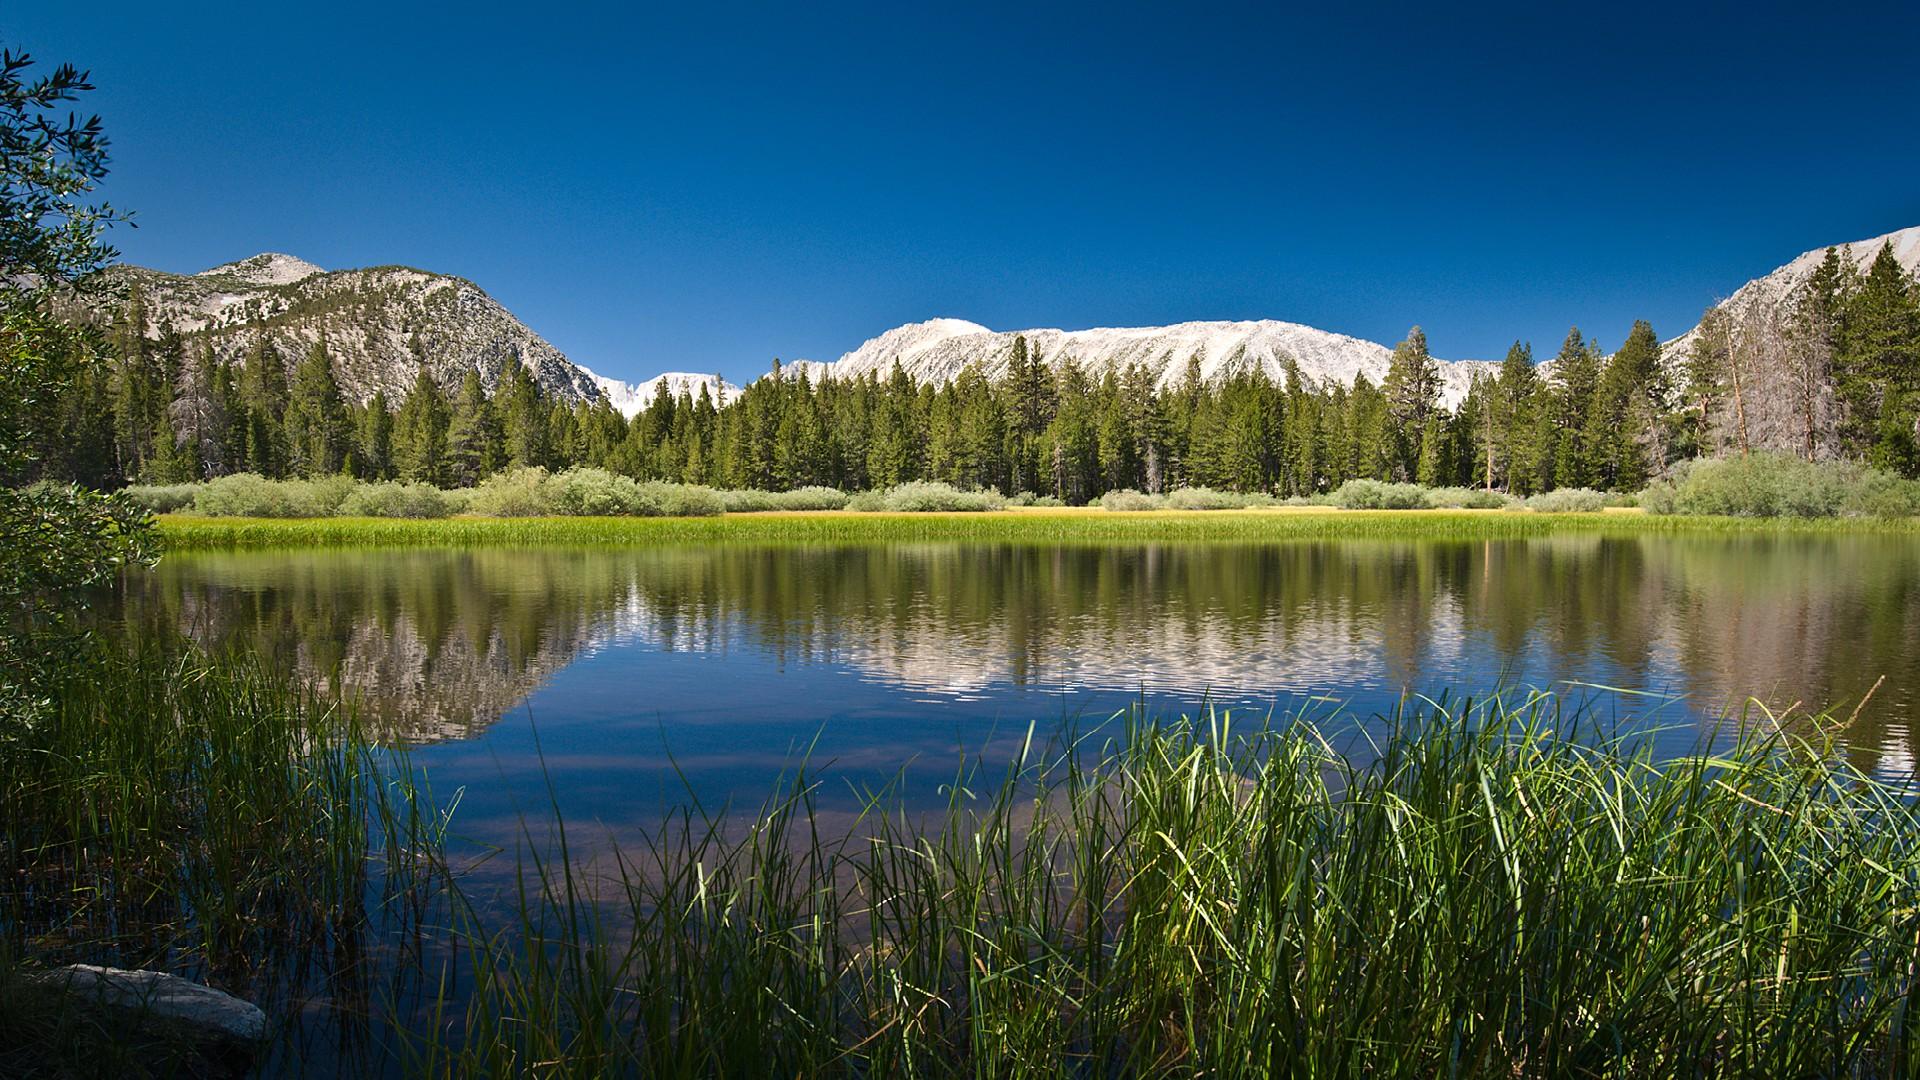 风景秀丽的自然美景桌面壁纸